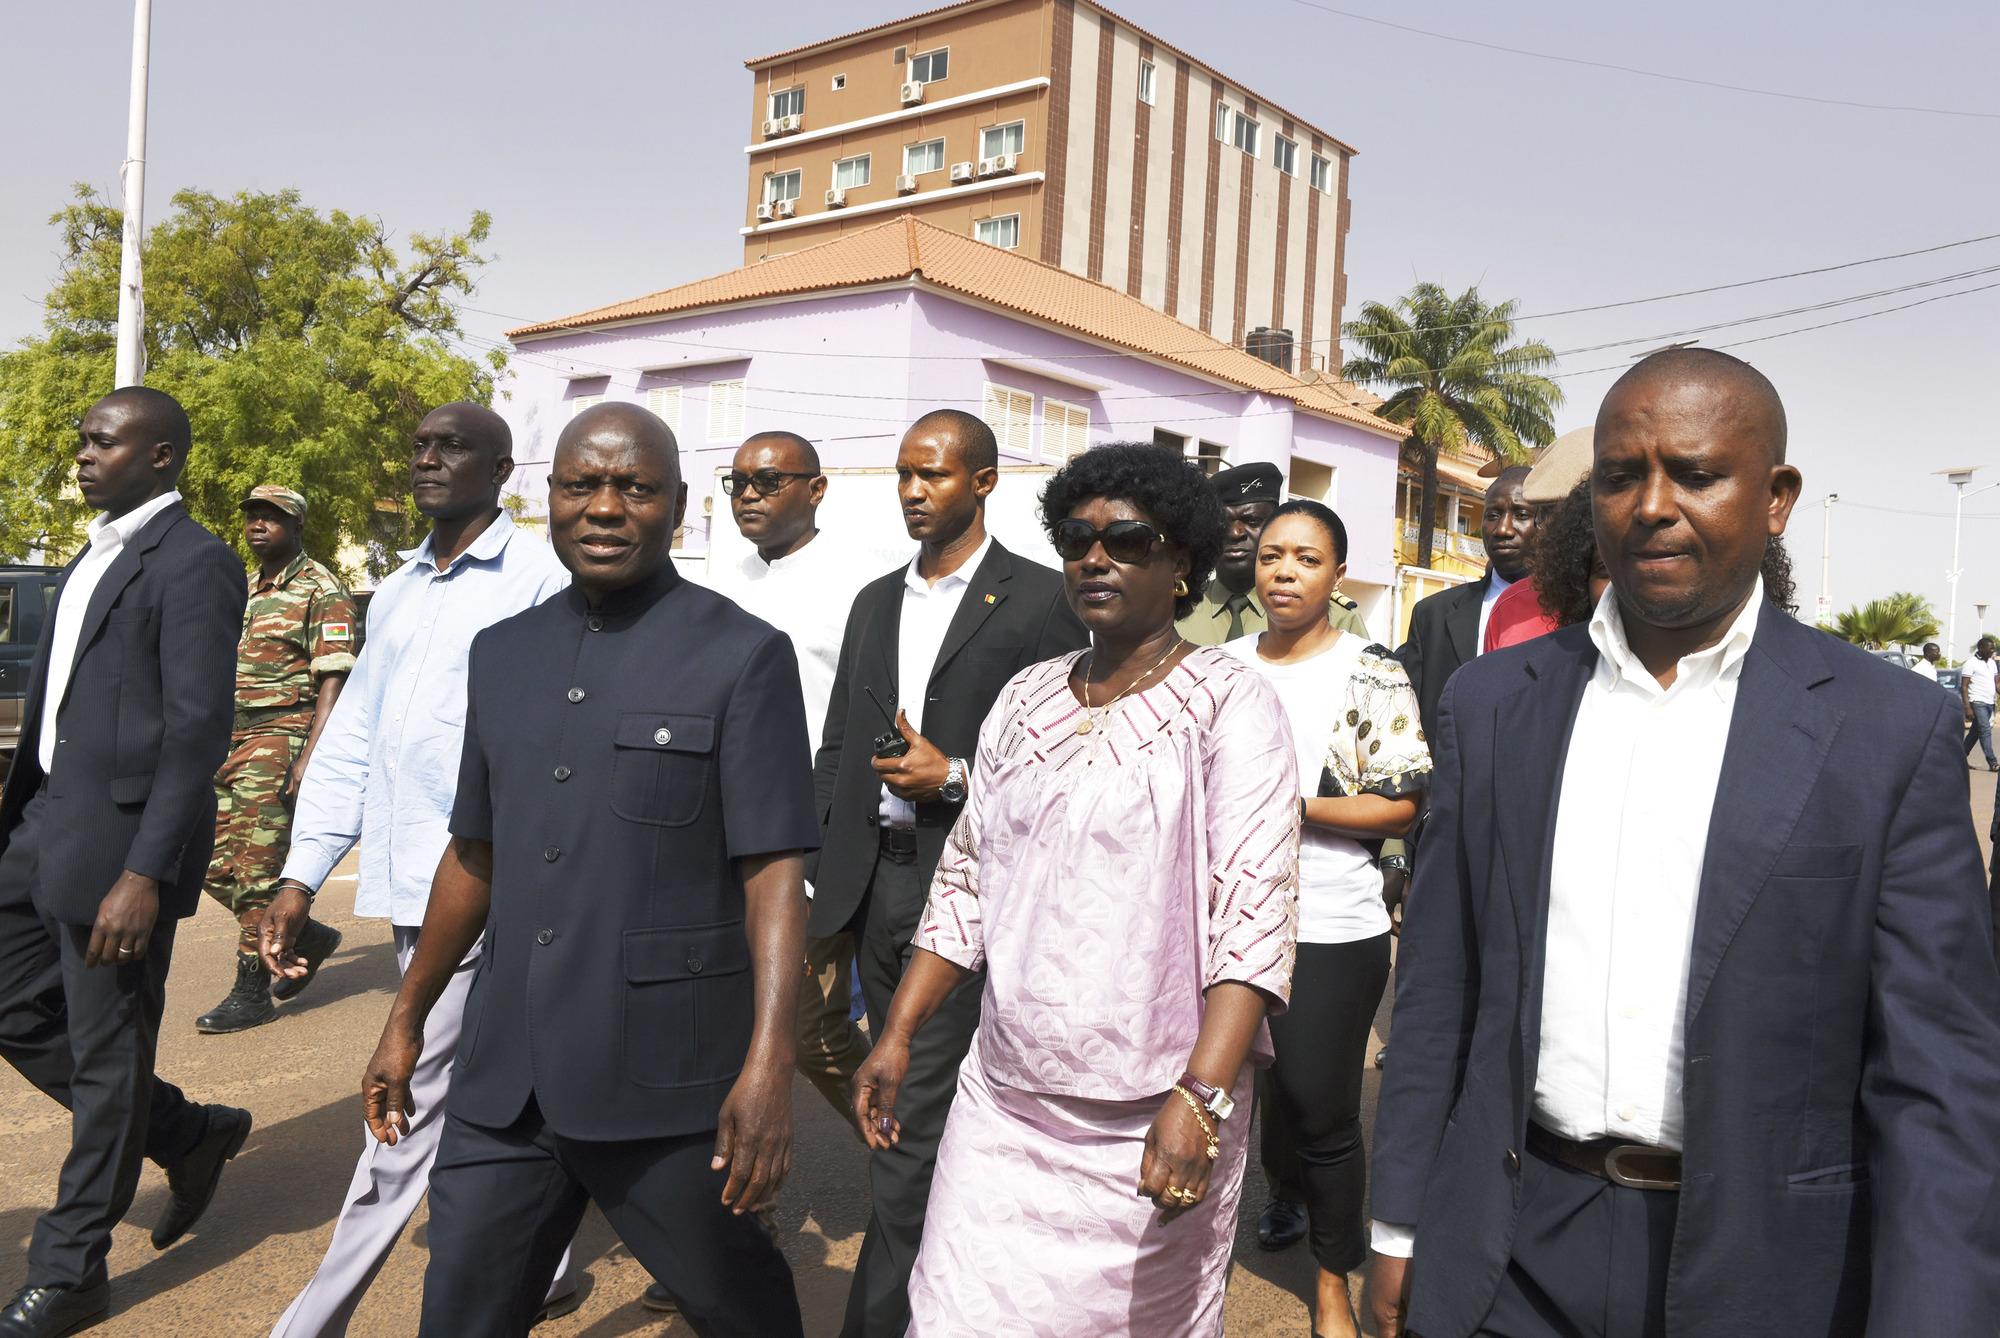 Exclu du PAIGC, l'ancien maire de Bissau (au centre) brigue sa propre succession en tant que candidat indépendant.